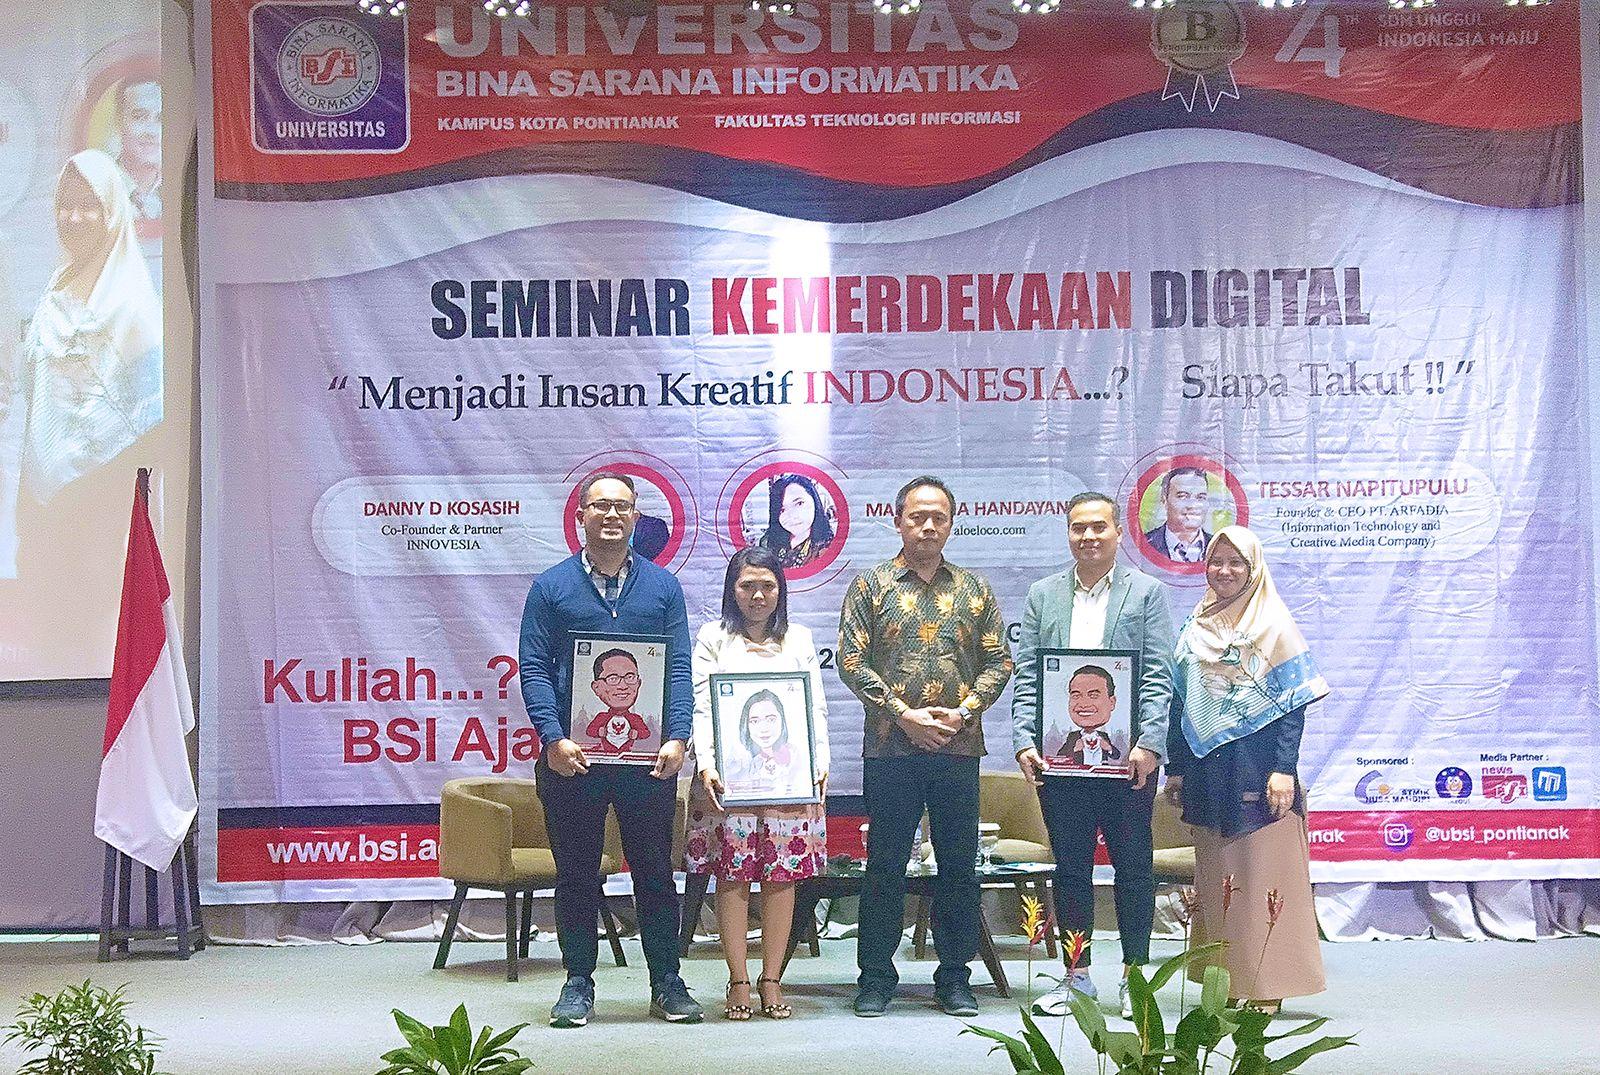 UBSI memperingati HUT RI dengan menyelenggarakan seminar yang bertemakan Seminar Kemerdekaan Digital